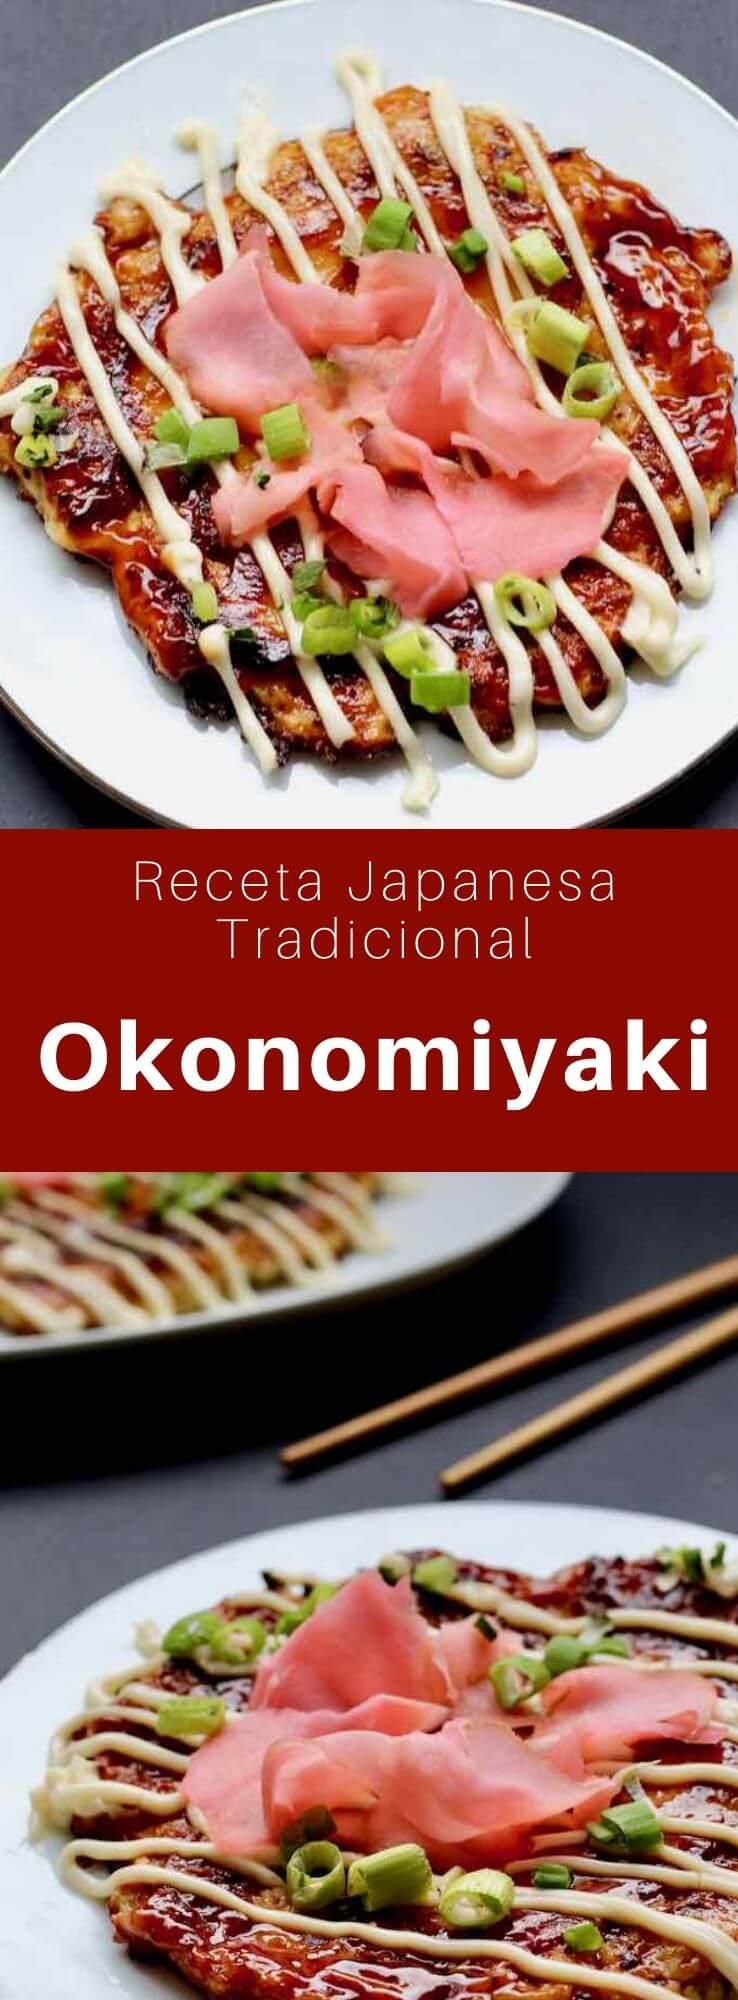 El okonomiyaki (お好み焼き) es un plato japonés hecho de masa que incluye una serie de ingredientes muy diferentes y que se suele comparar con los panqueques o la pizza.